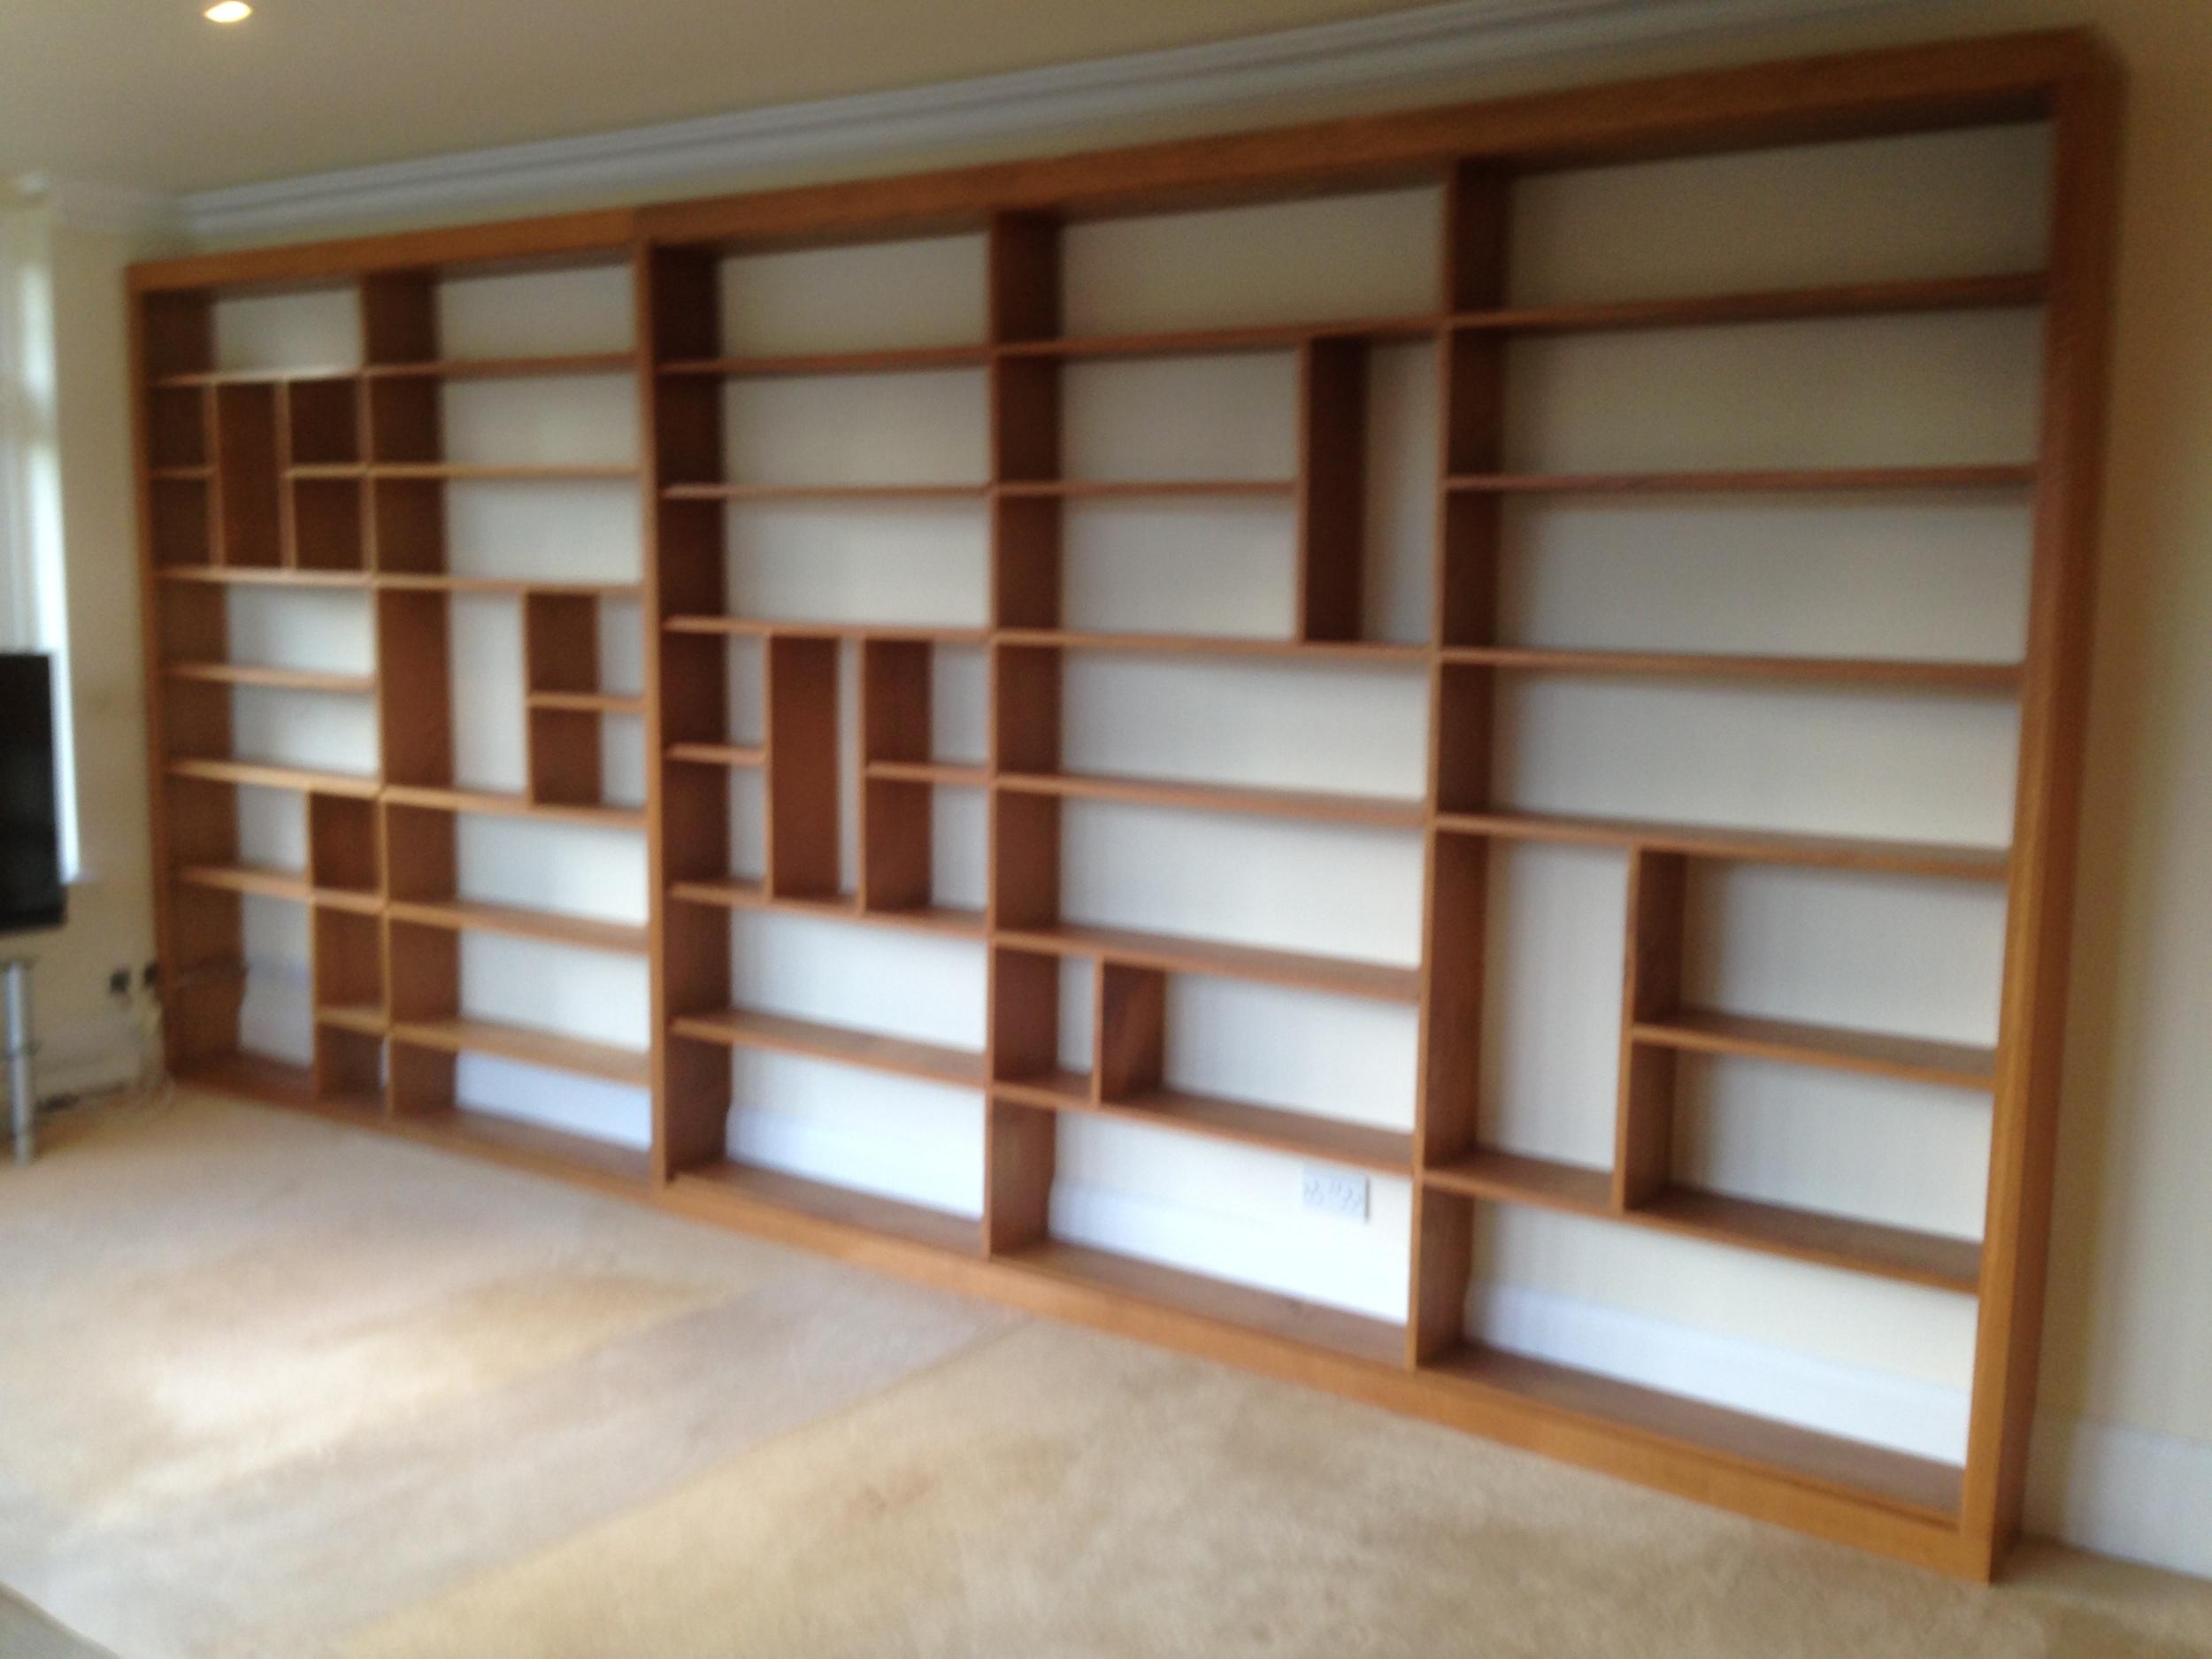 Barnes Bespoke Bookshelves